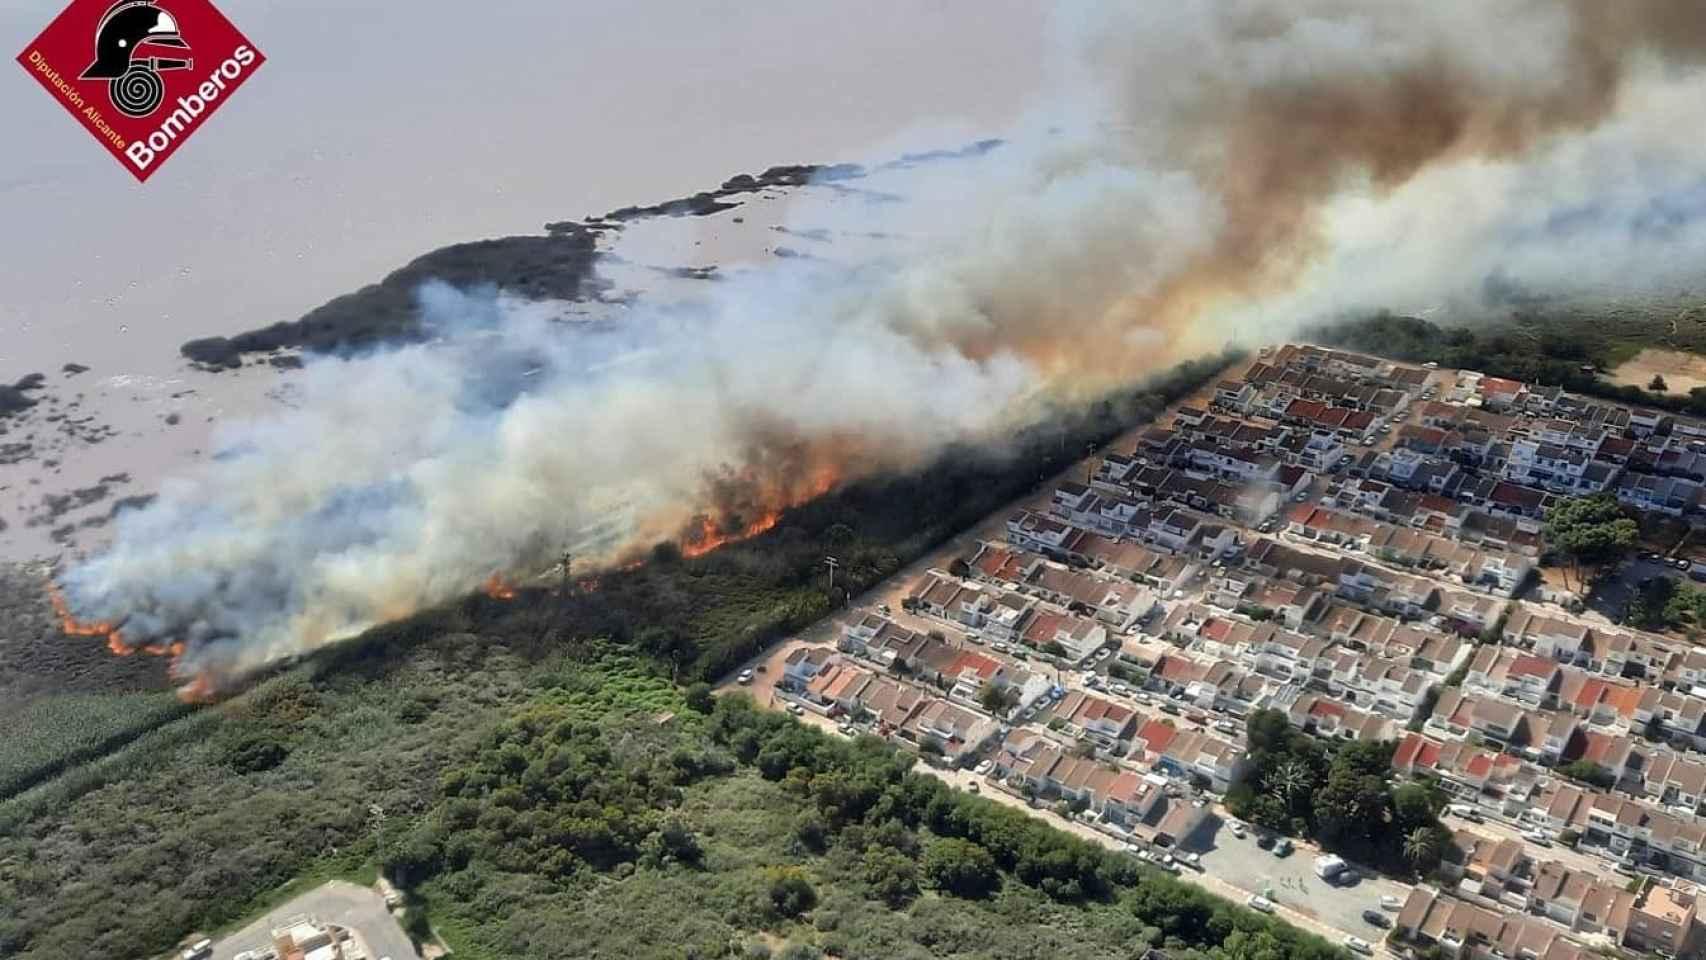 Imagen aérea del incendio realizada por el Consorcio Provincial de Bomberos.